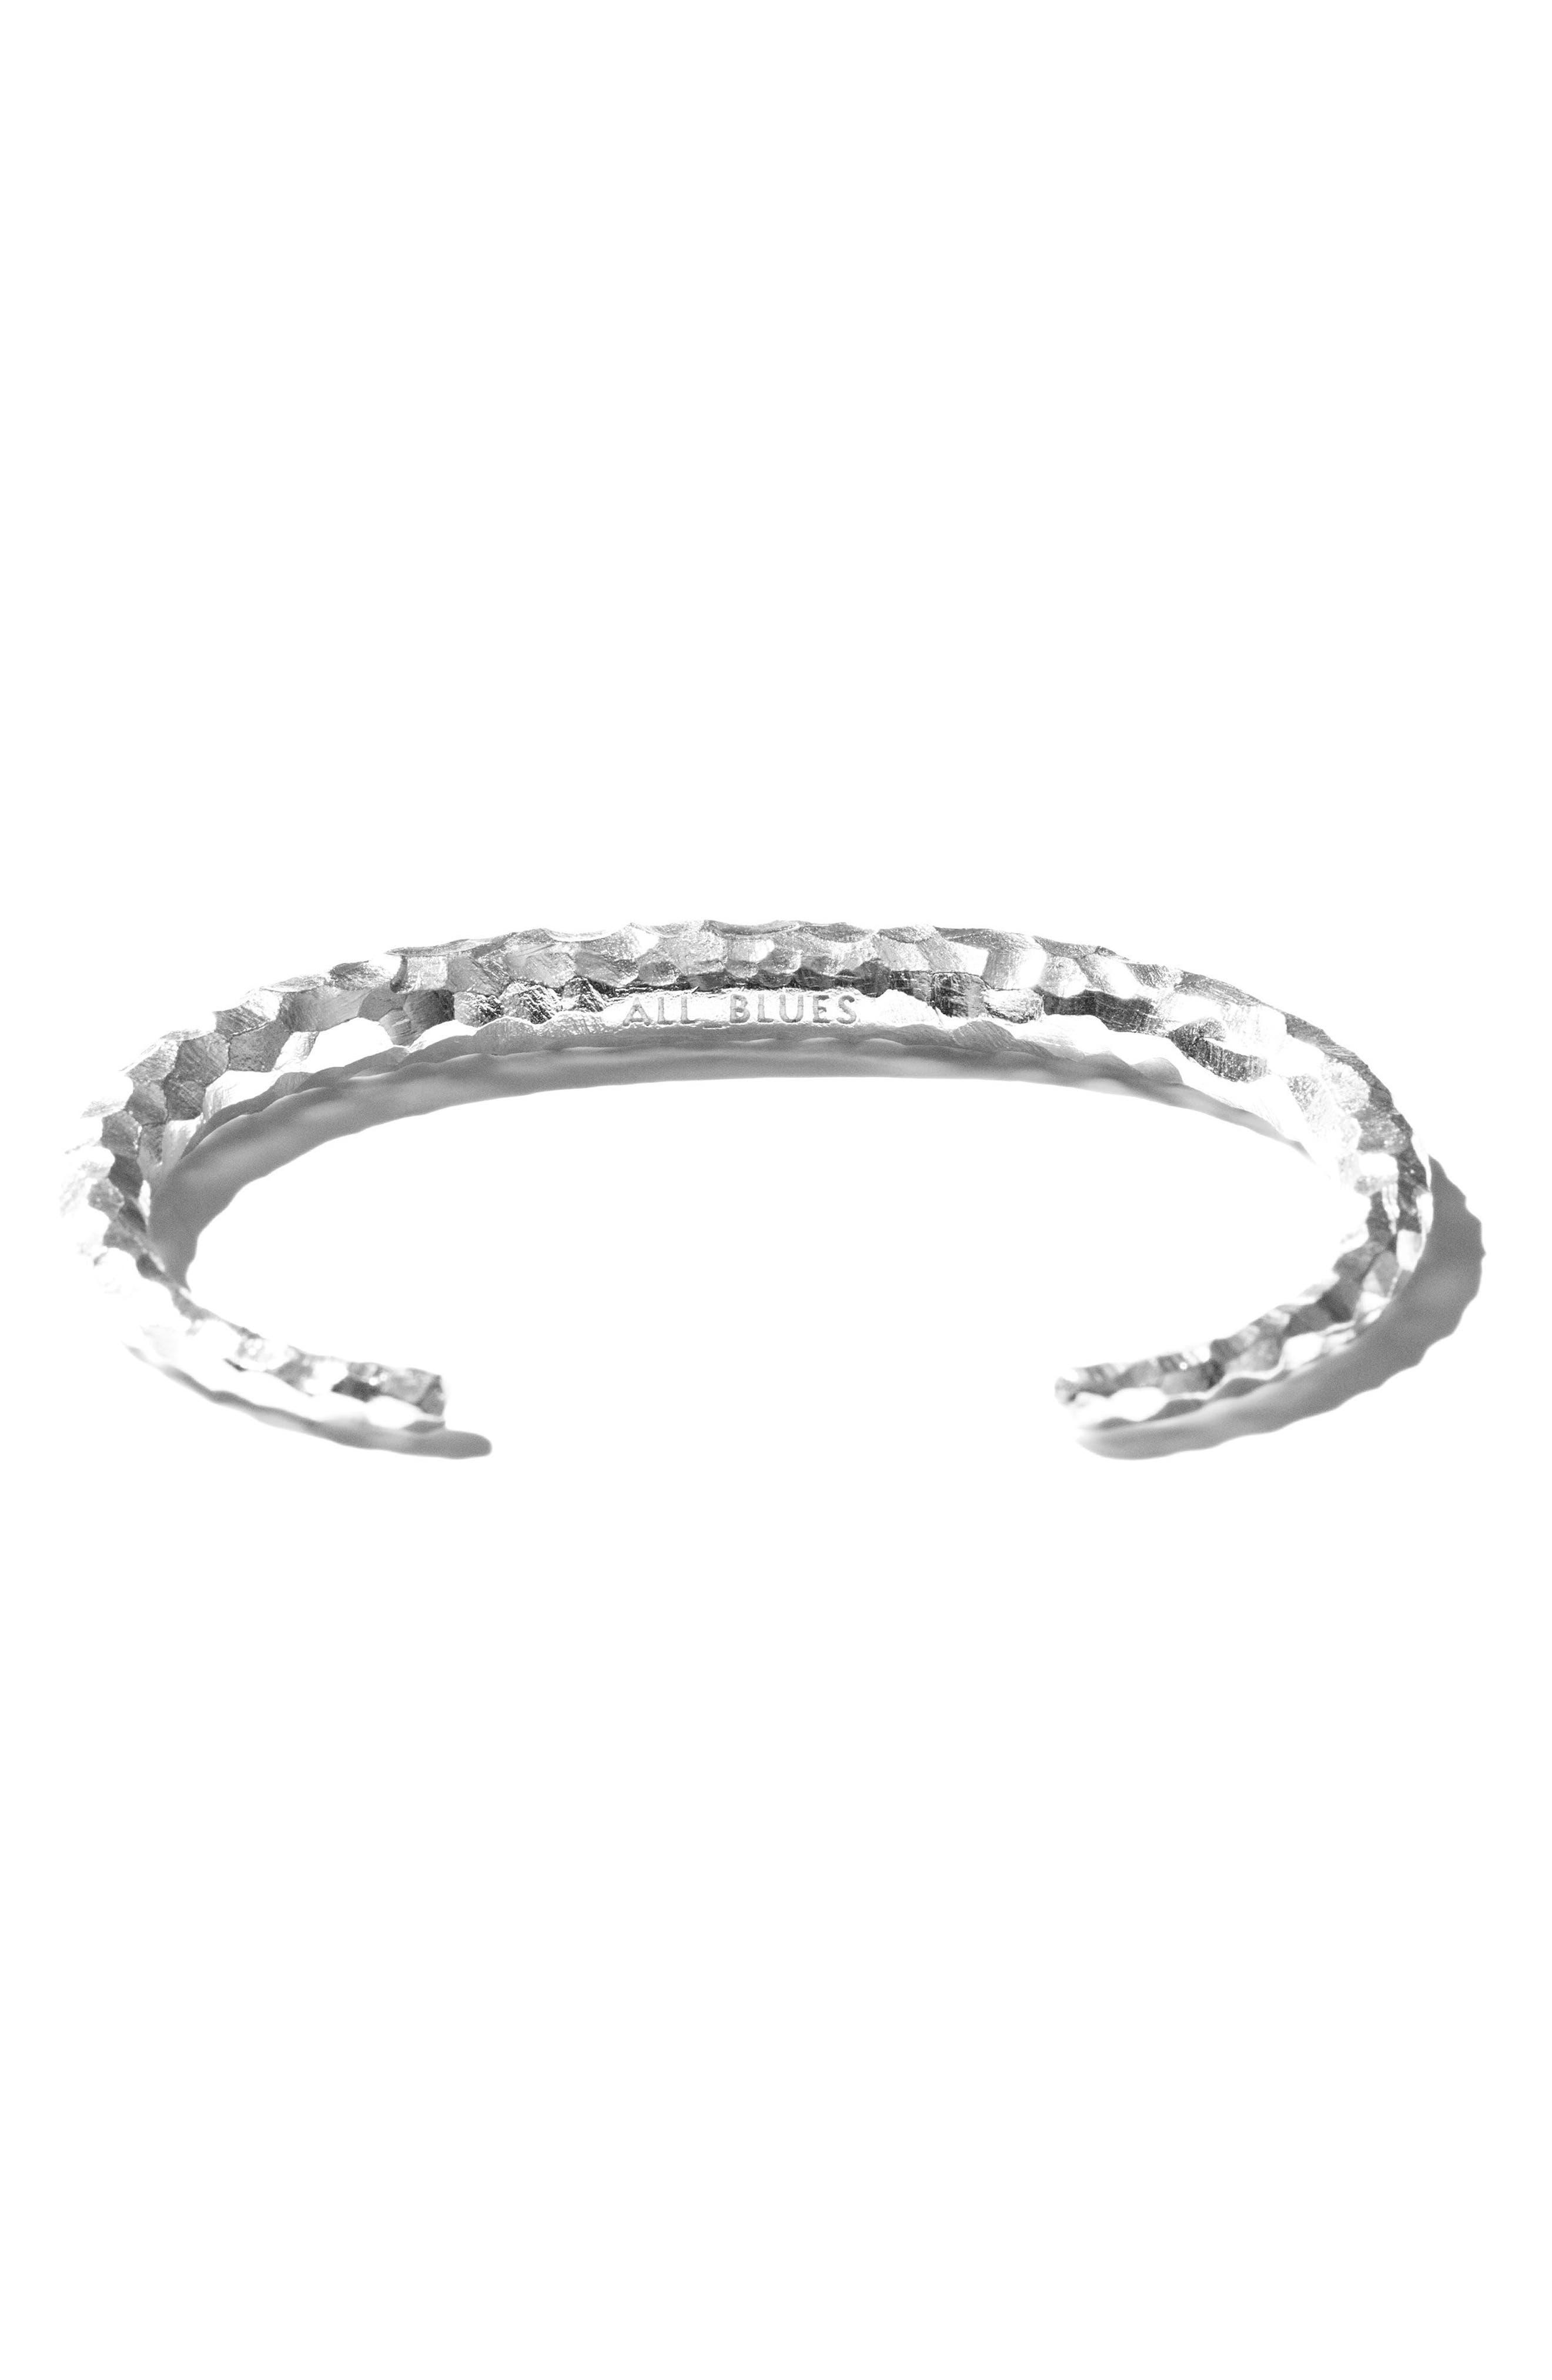 Large Snake Carved Silver Bracelet,                             Alternate thumbnail 4, color,                             CARVED SILVER